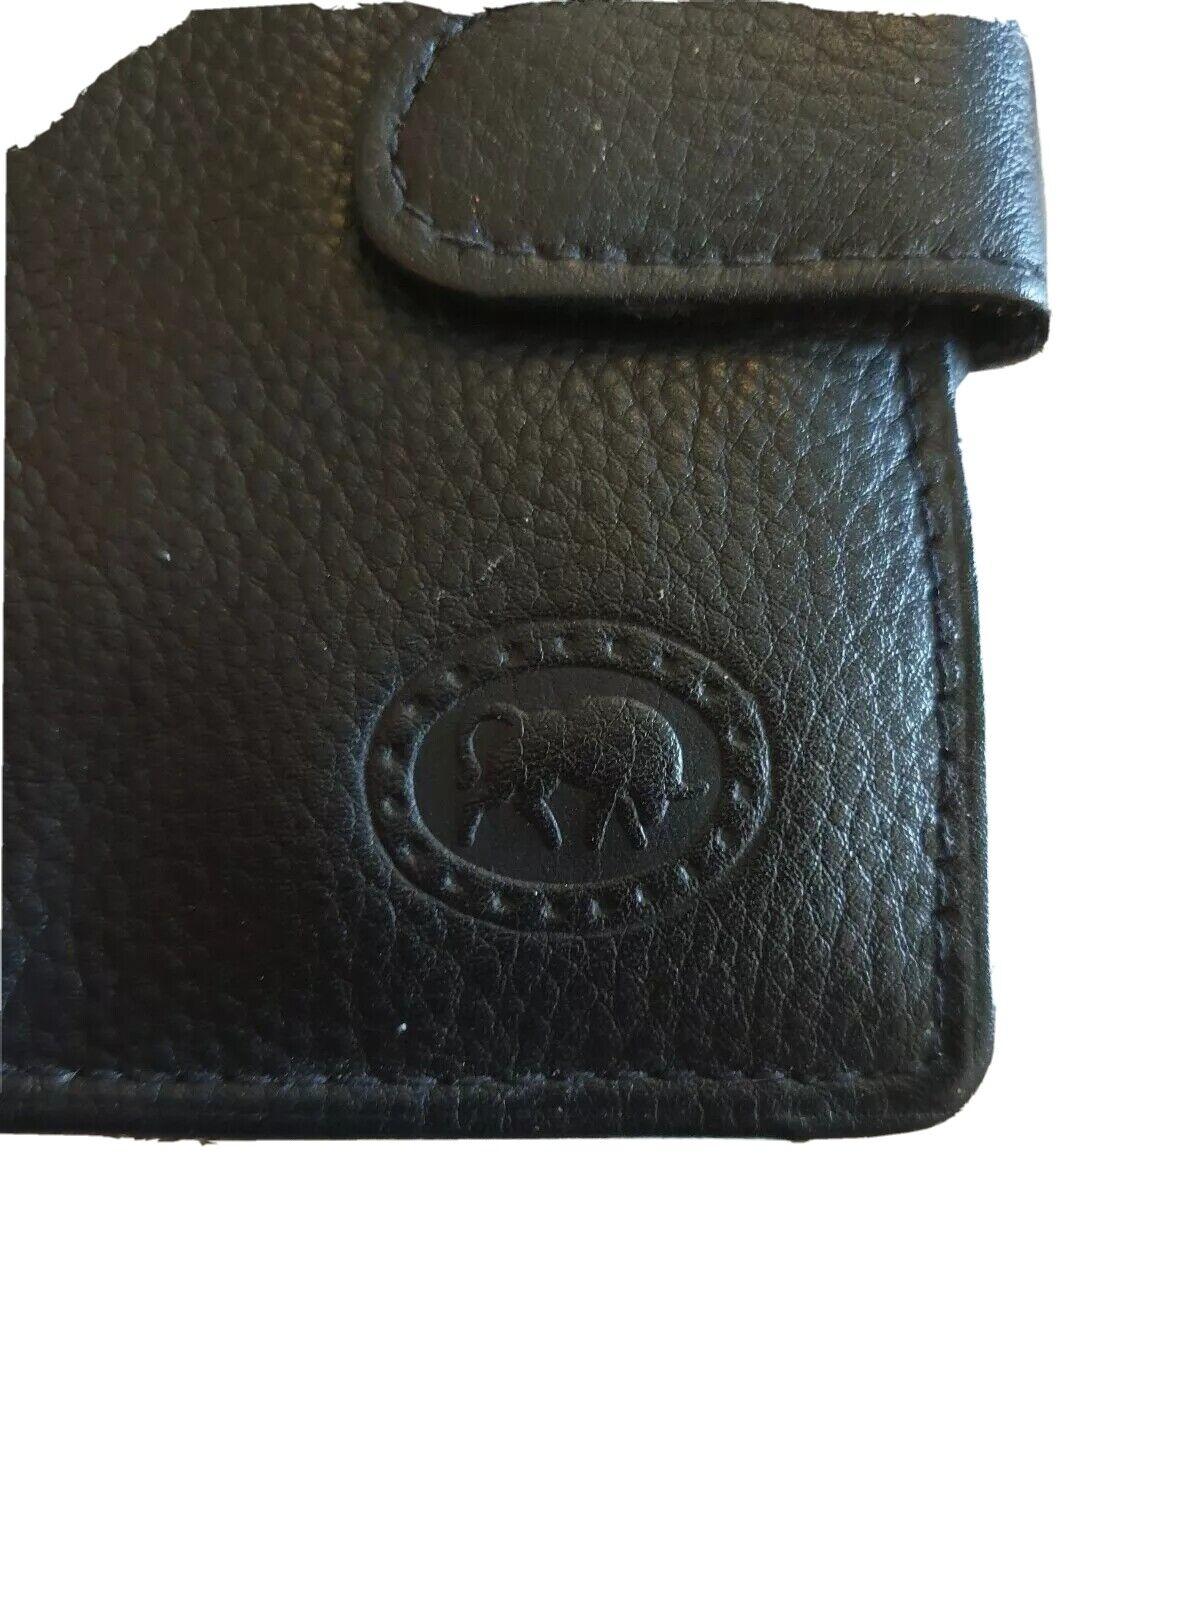 Soft genuine leather Card Wallet ~ Black ~ NWOT